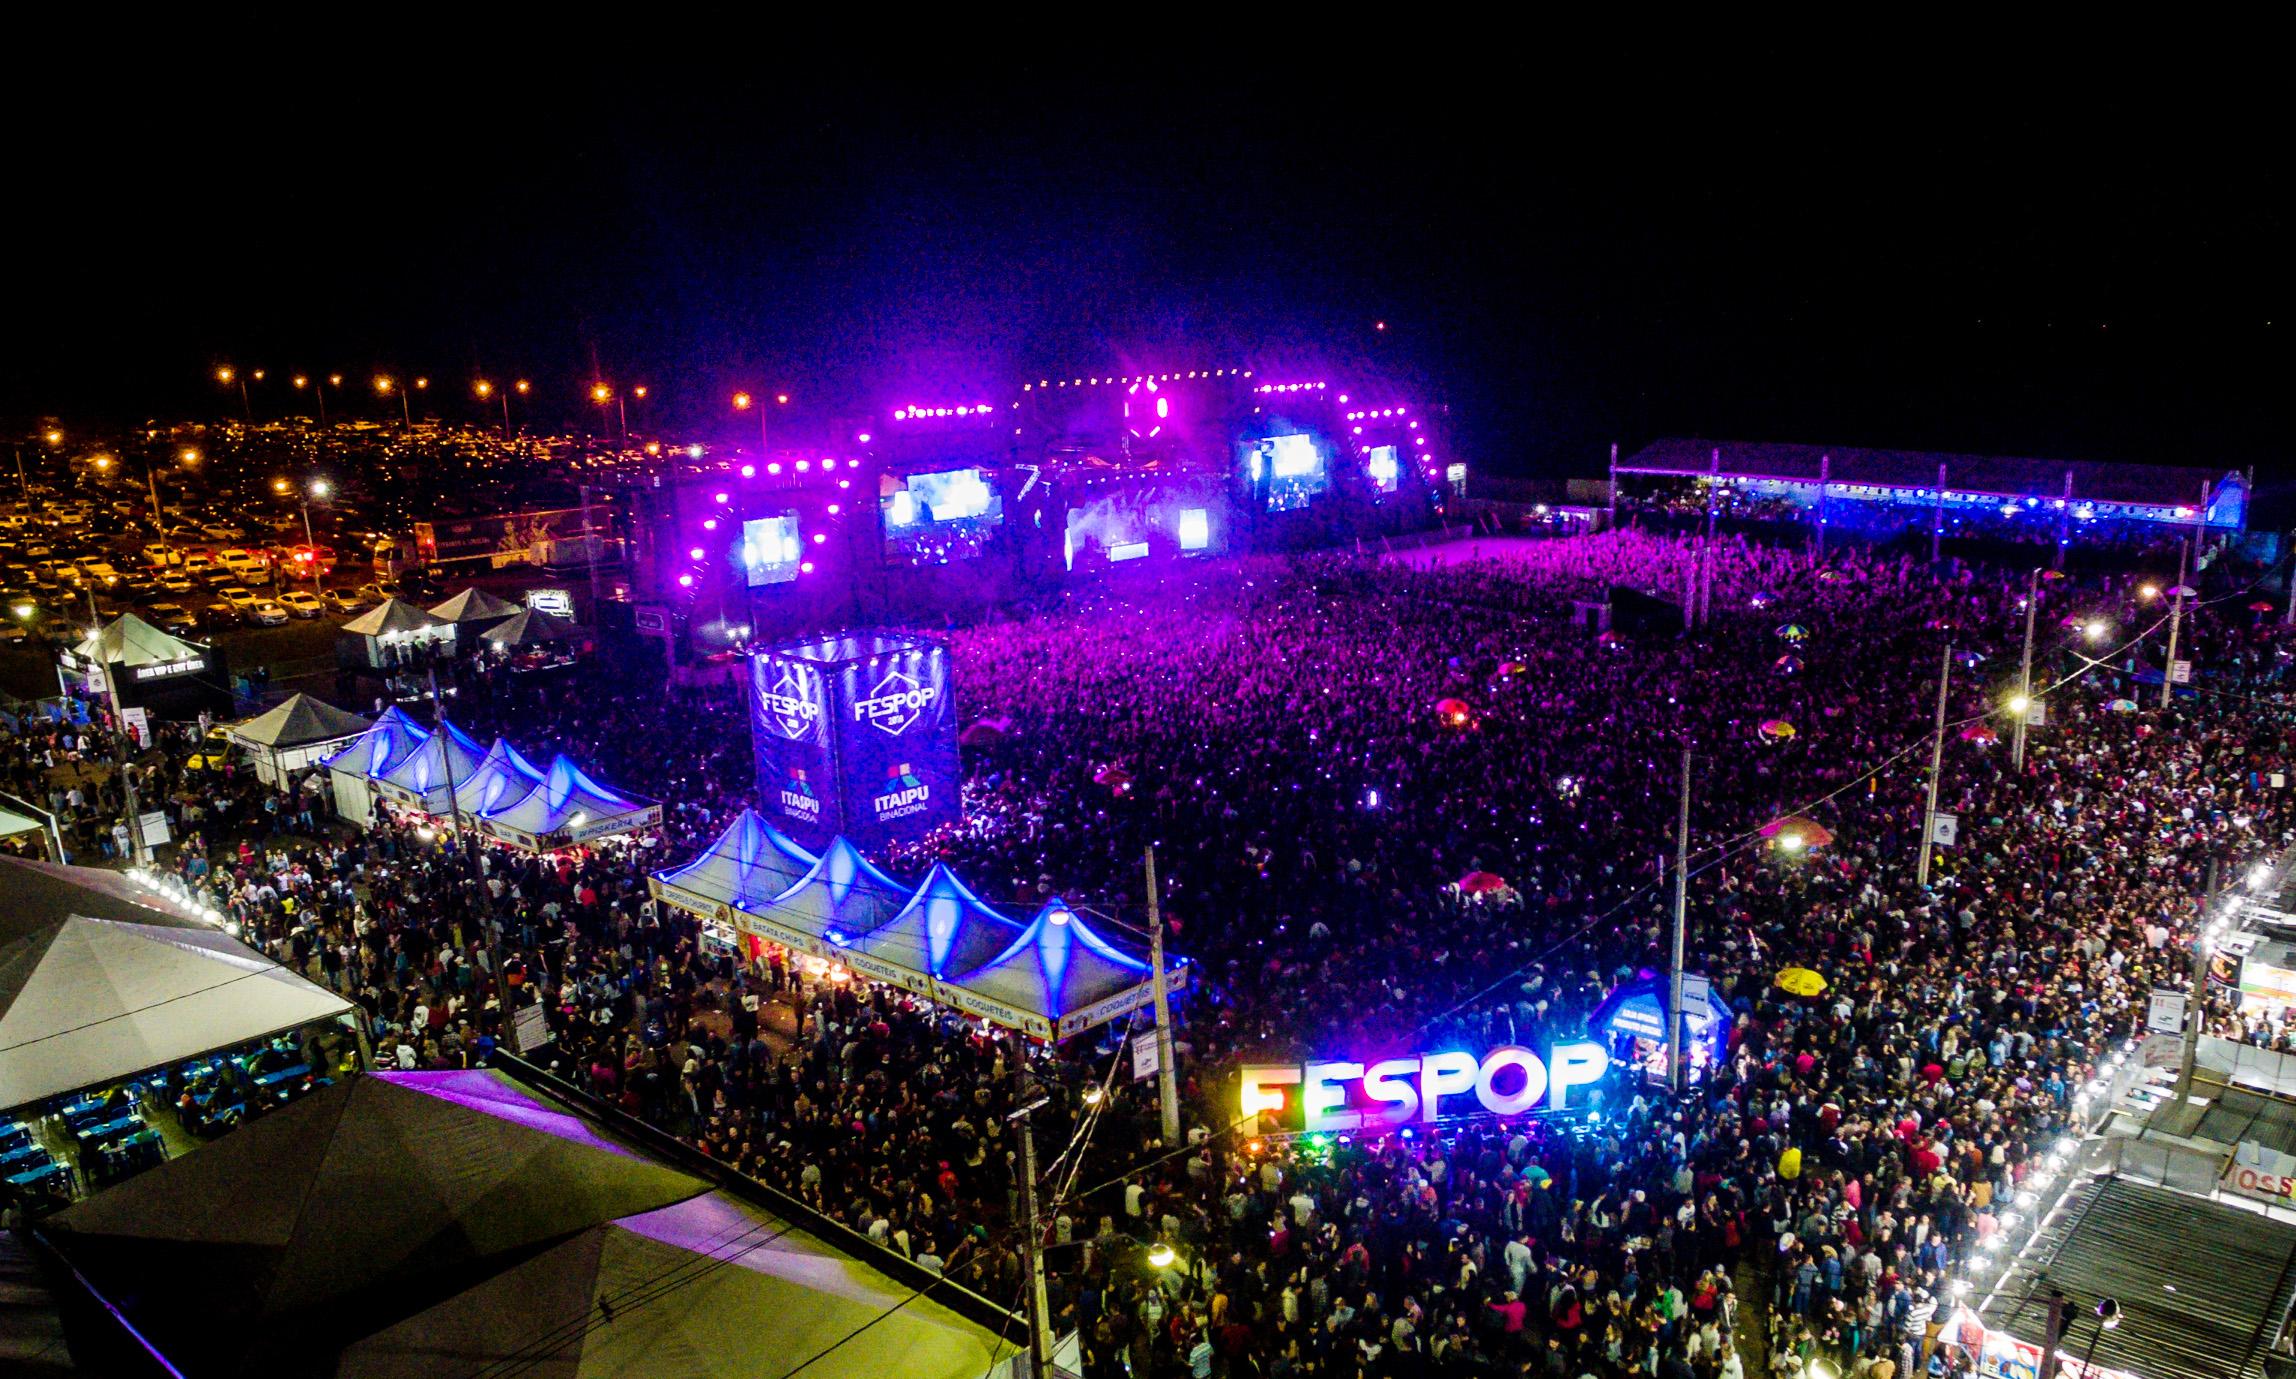 10ª edição da Fespop bate recorde de público De acordo com a organização, mais de 50 mil pessoas estiveram no Parque de Exposições